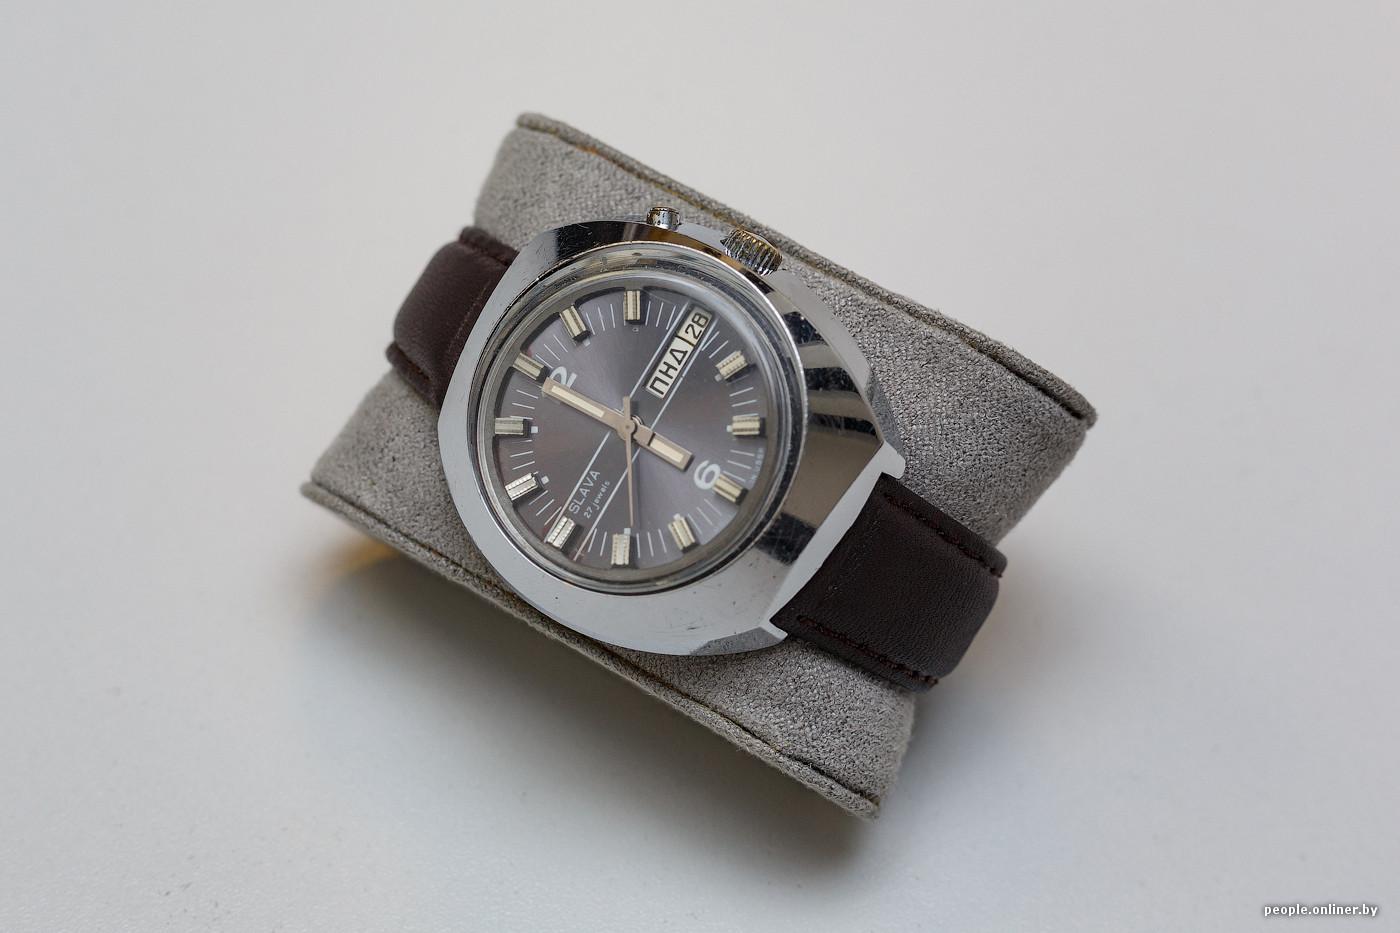 Один из лучших дизайнов — тонкий «Луч» на механизме 2209. Эти часы до сих  пор уважают в мире. Некоторые из них я купил, как ни странно, на eBay. 454ef49cca5